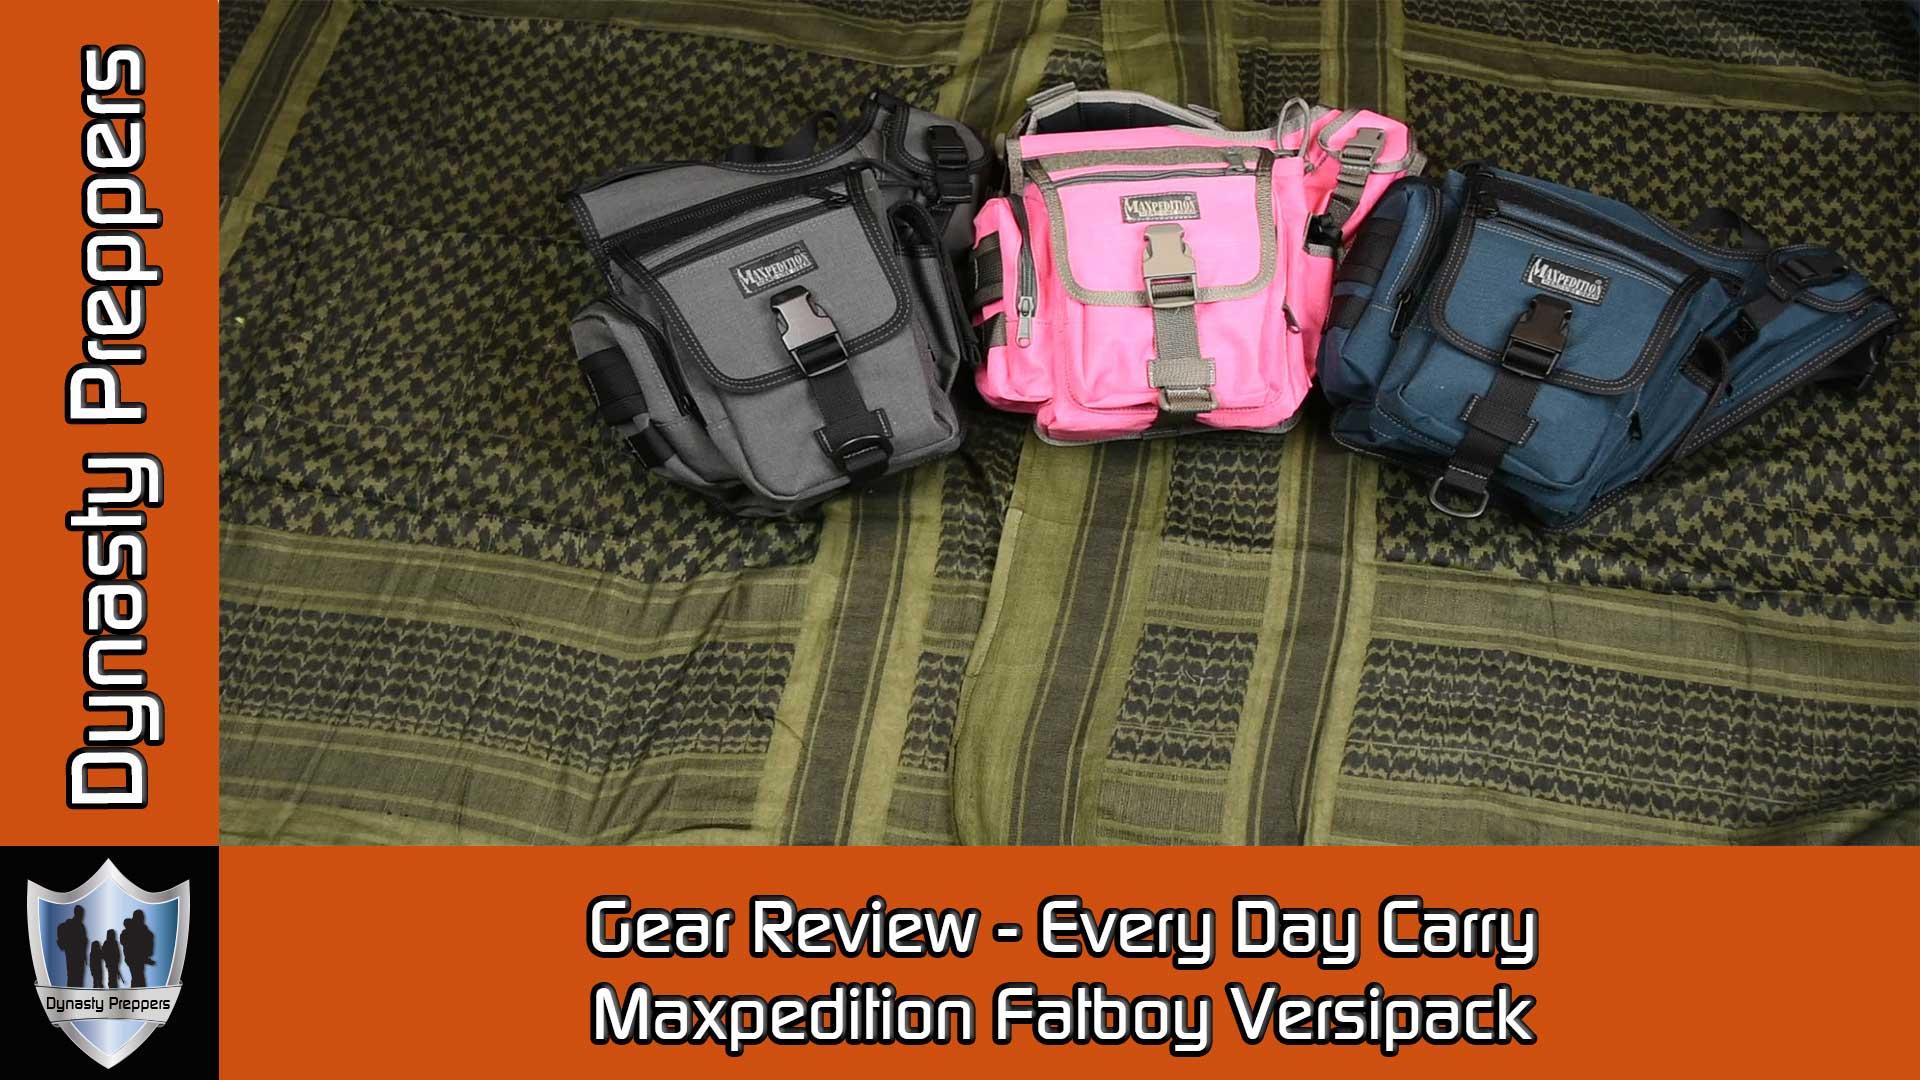 Maxpedition Fatboy Versipack